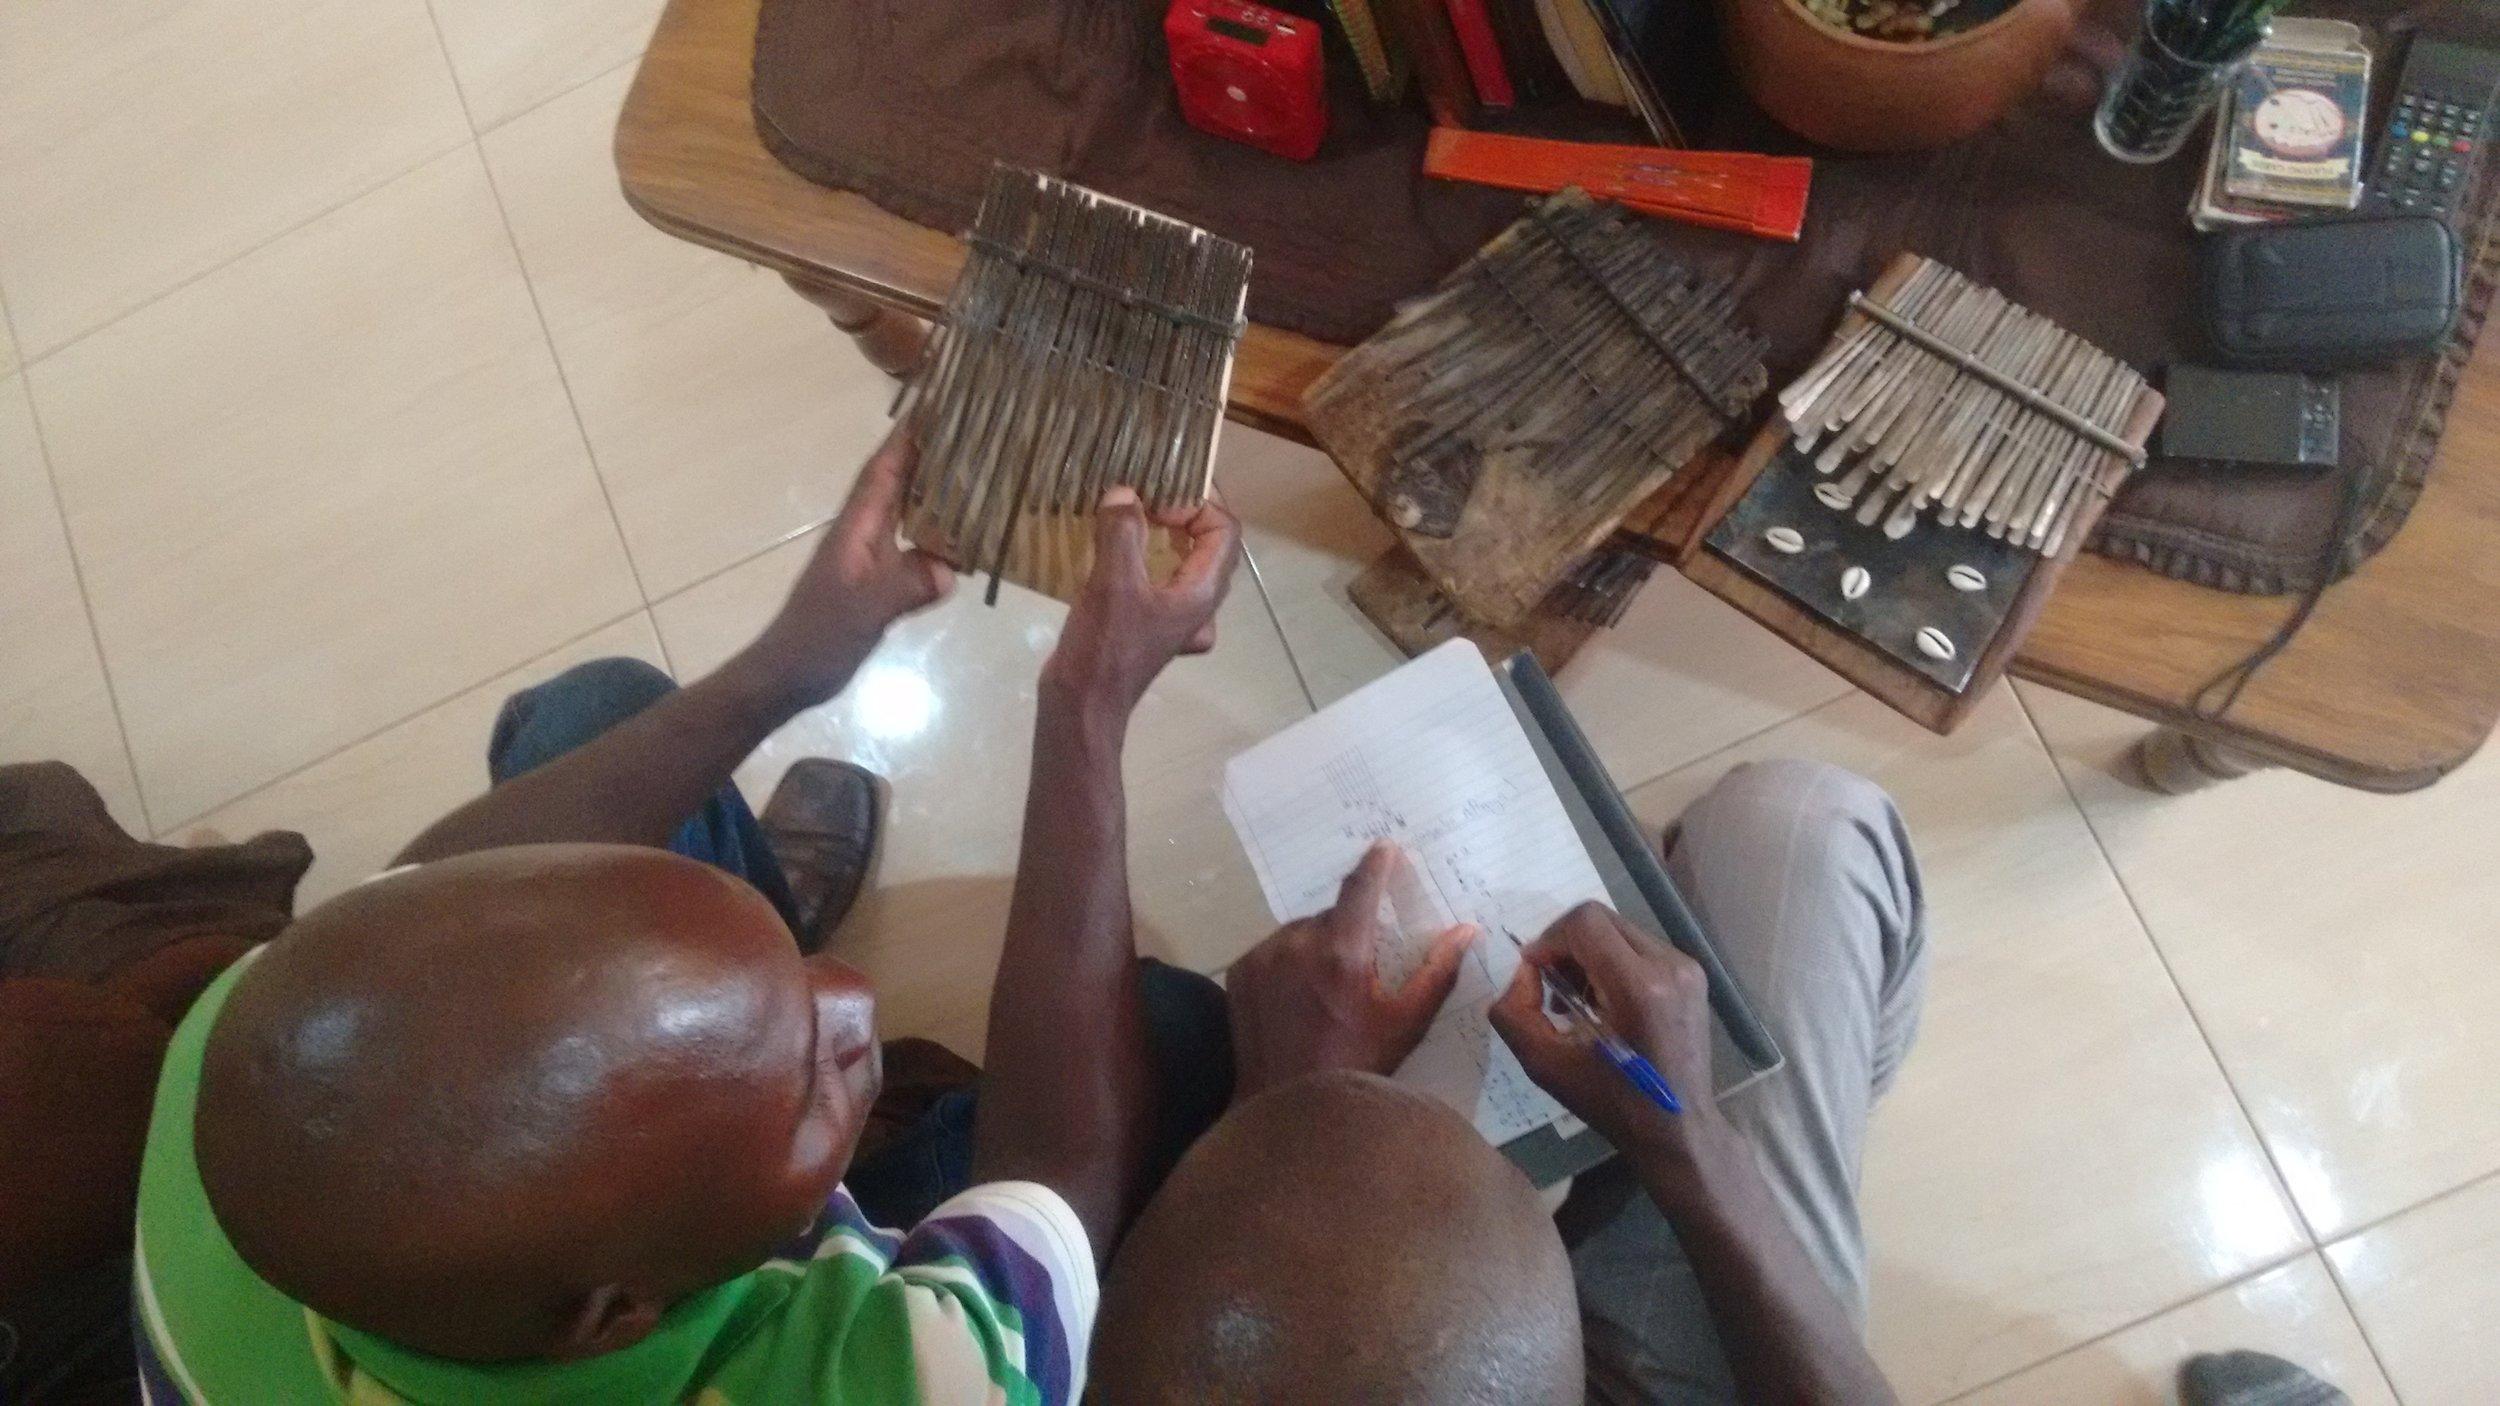 """Kuda Nyaruwabvu learns """"Muchenjedza MuTonga"""" from James Kamwaza in Tynwald, Harare."""